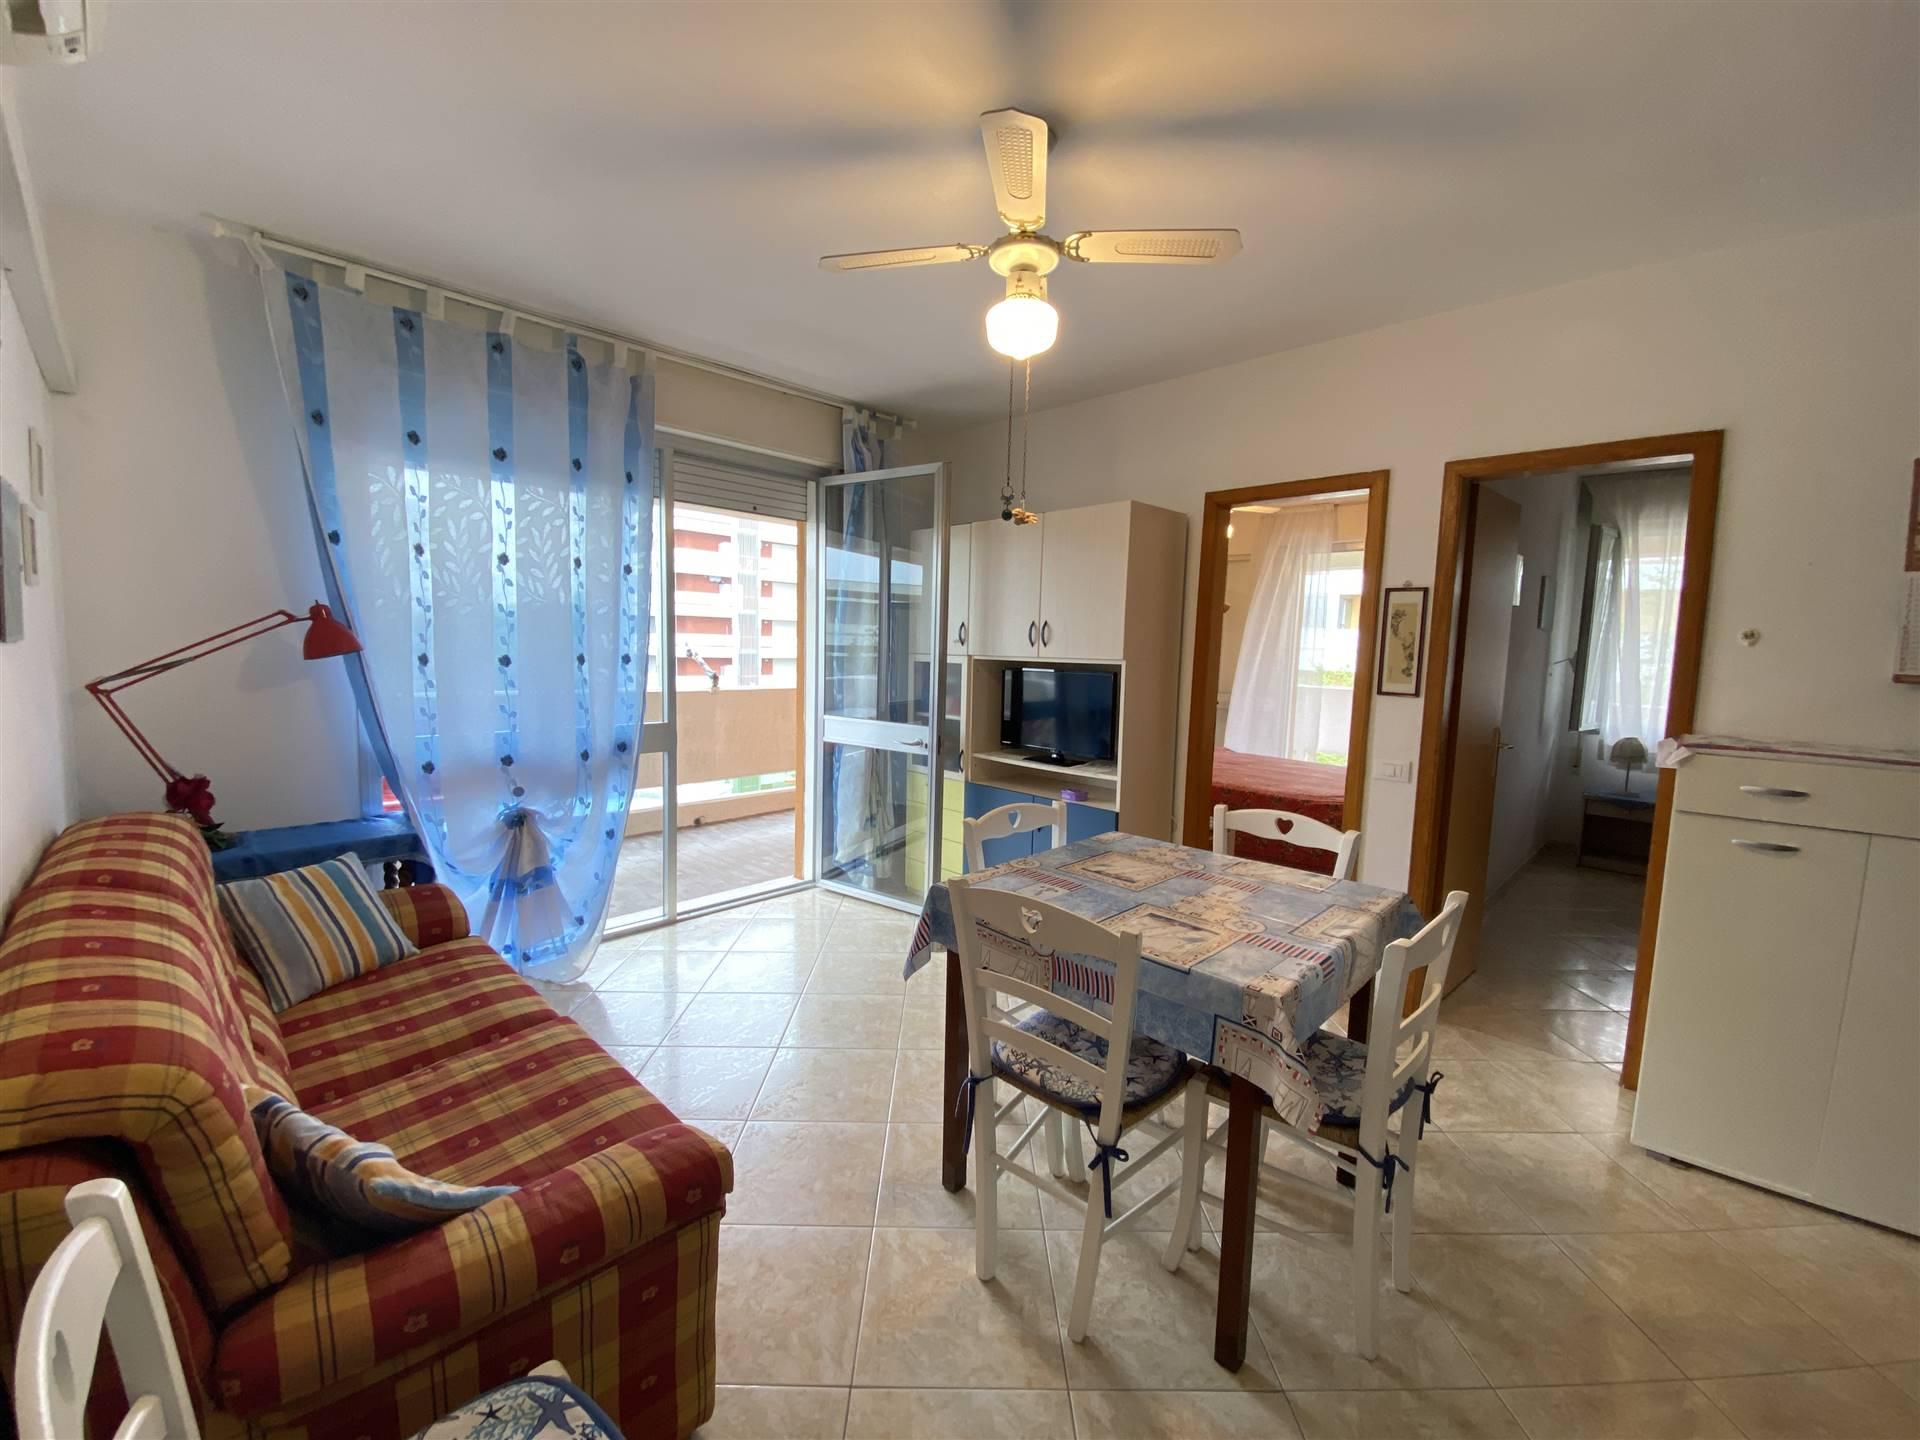 Rif. B251 ISOLA VERDE: Nel residence Ca Tamerici, vendesi appartamento trilocale di 55 mq più in ampia terrazza abitabile ad angolo. Composto da